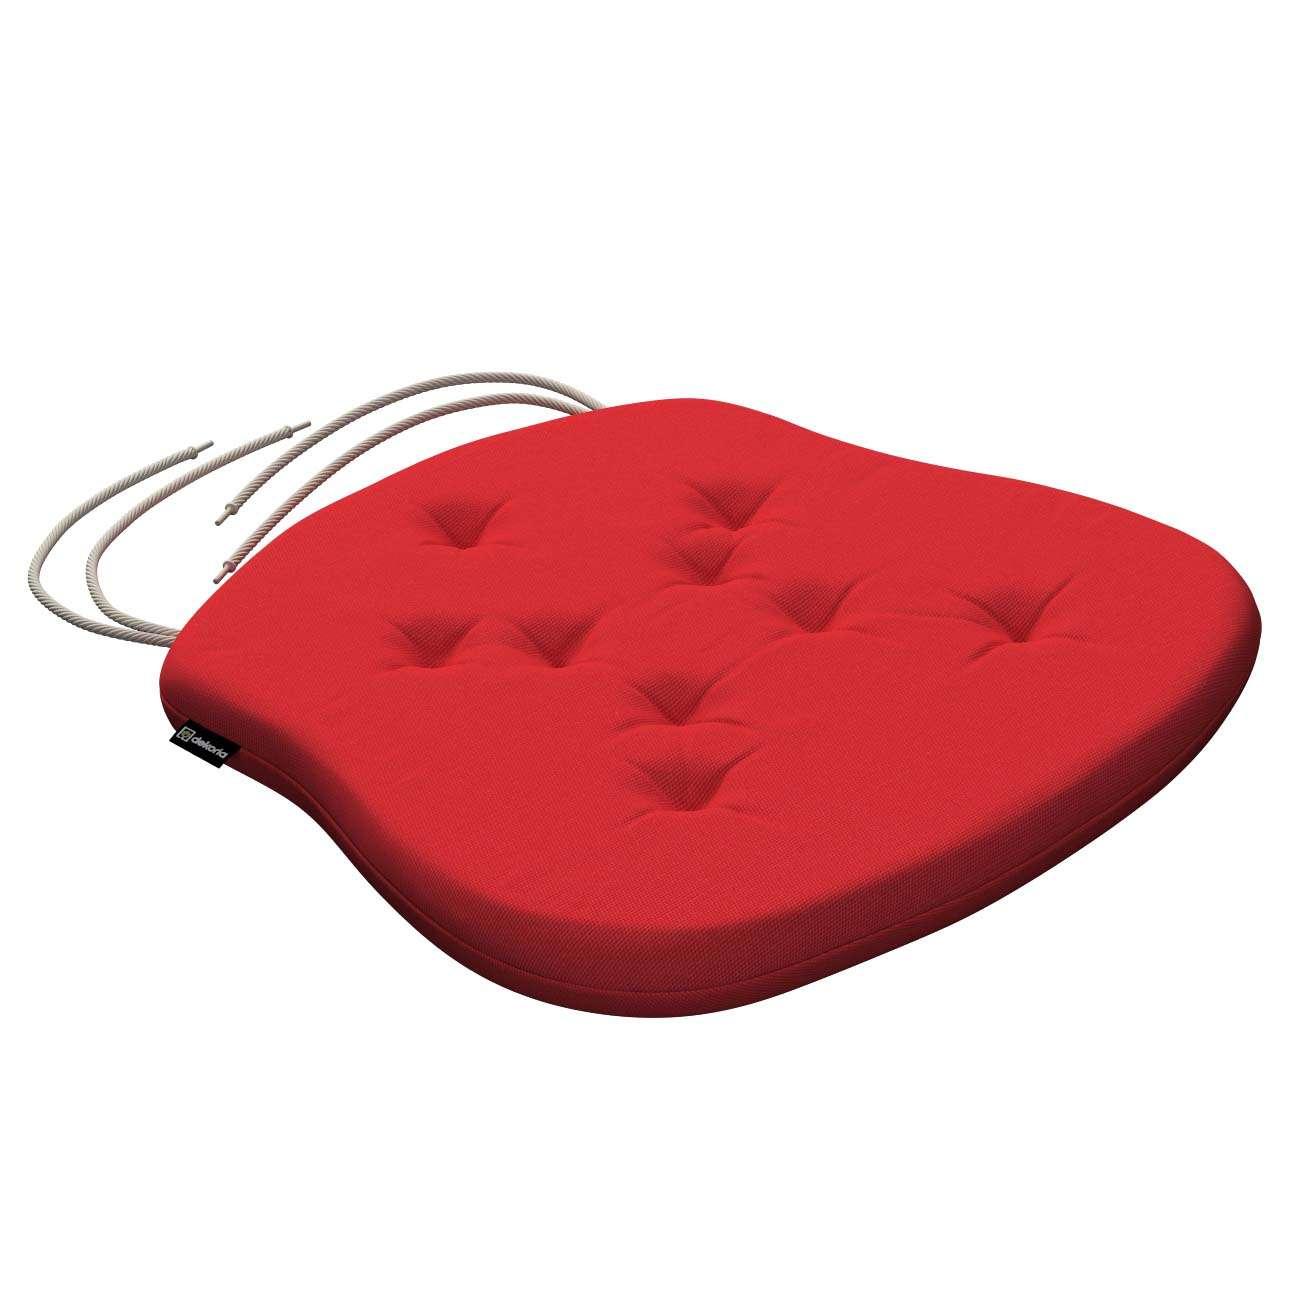 Siedzisko Filip na krzesło 41x38x3,5 cm w kolekcji Loneta, tkanina: 133-43